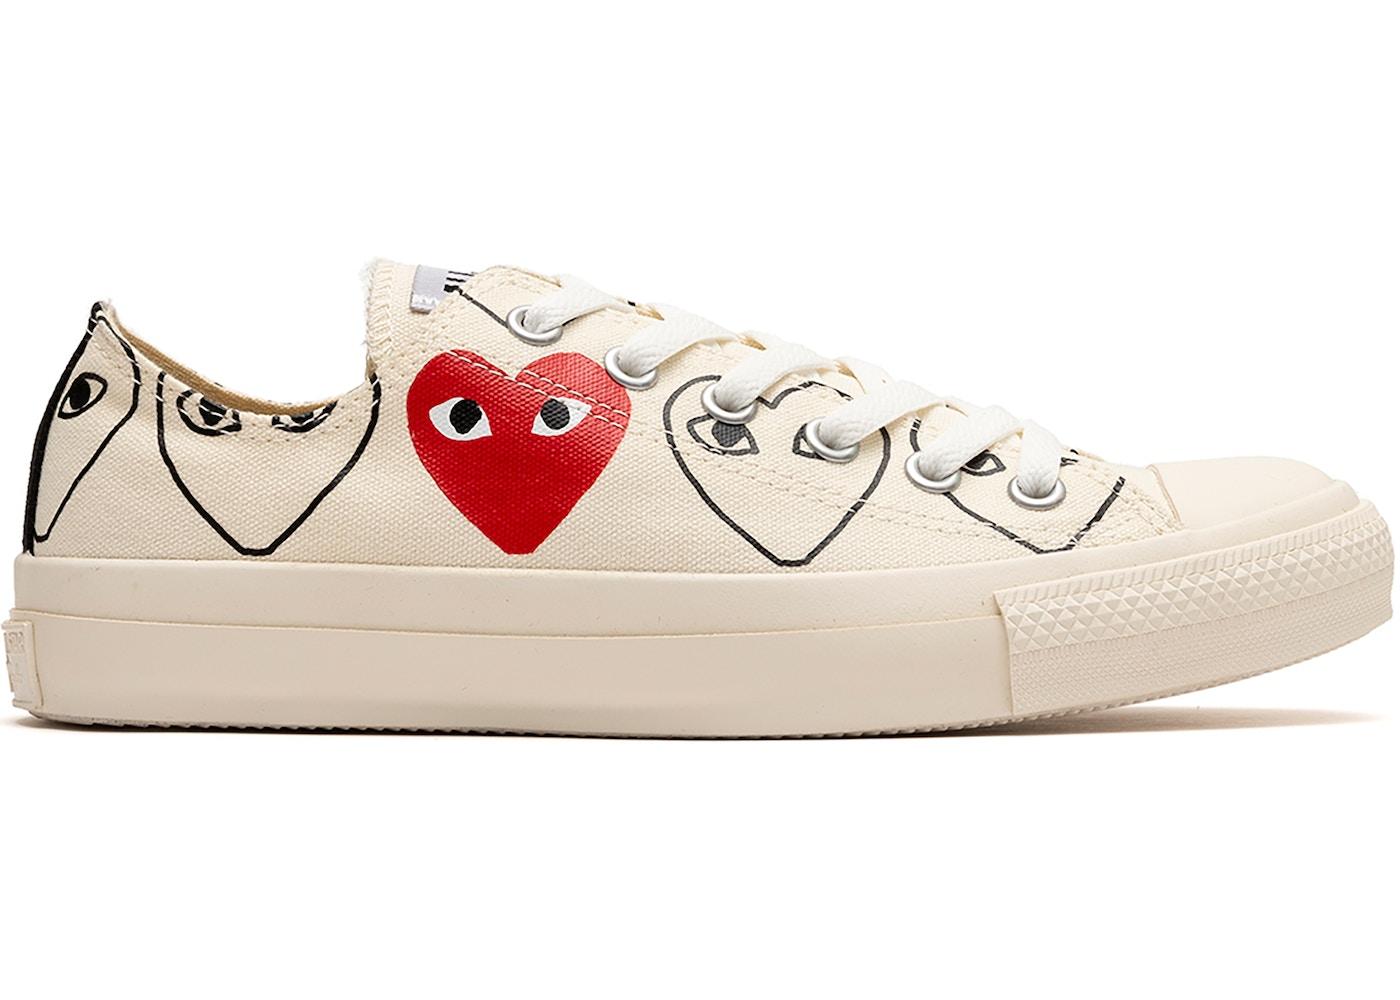 Pornografía de ultramar Peregrino  Buy Converse Comme Des Garcons Shoes & Deadstock Sneakers